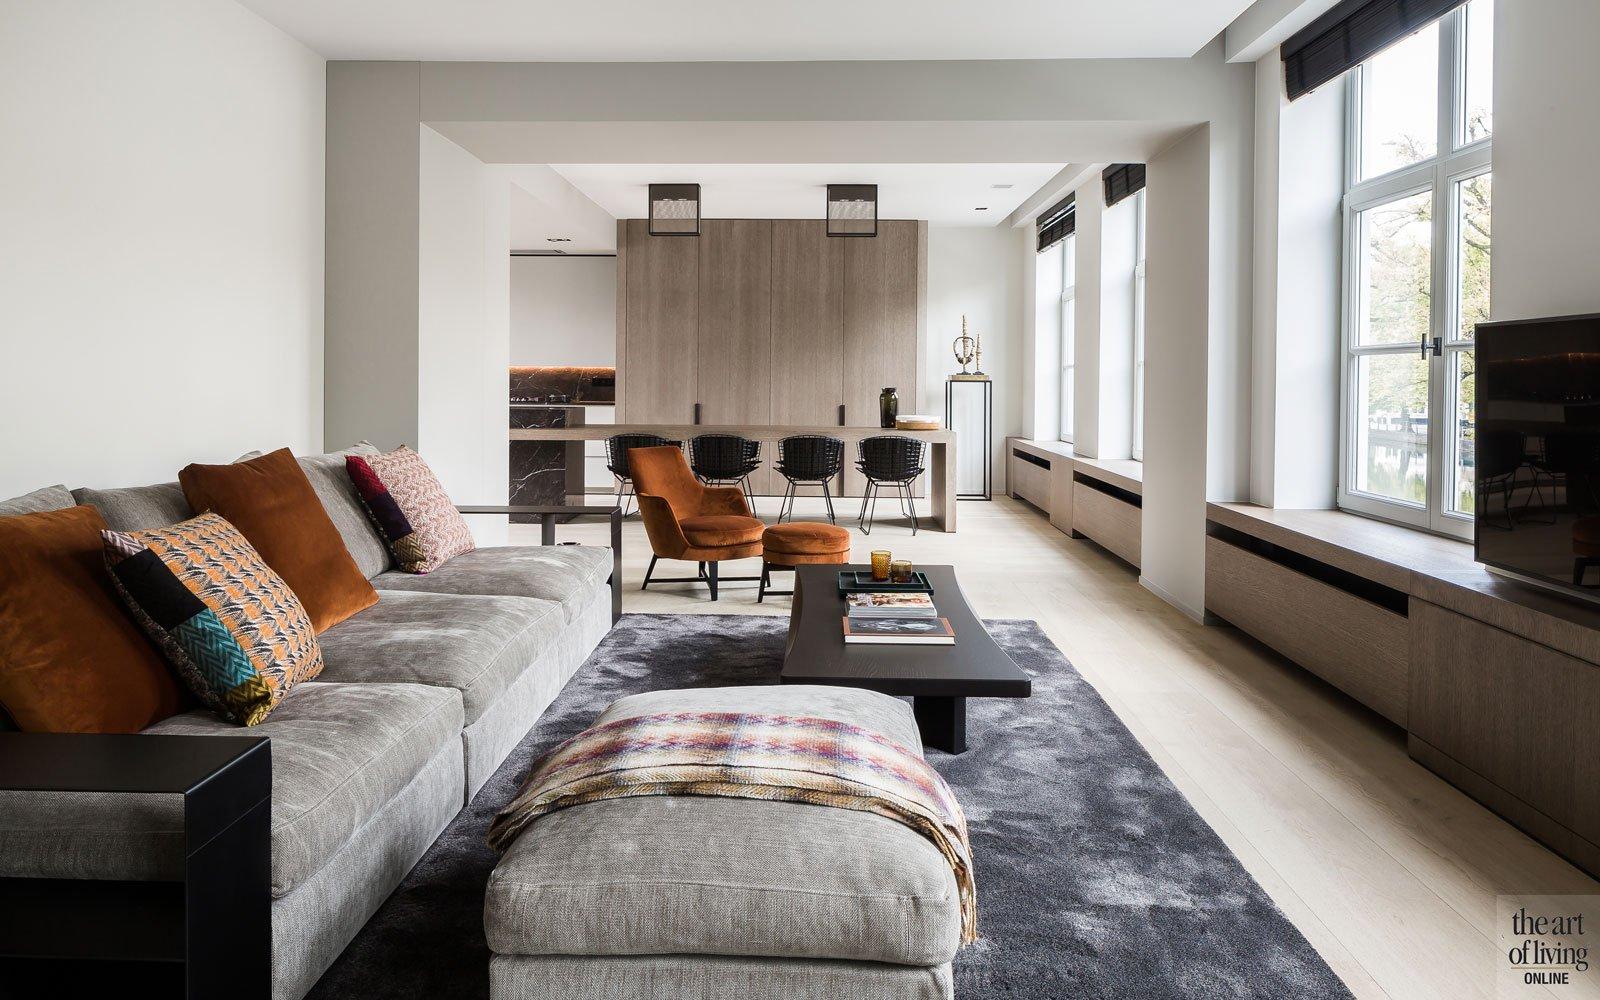 Woonkamer, living, eerste verdieping, Classo, De Coene, zithoek, renovatie, herenhuis, JUMA architects